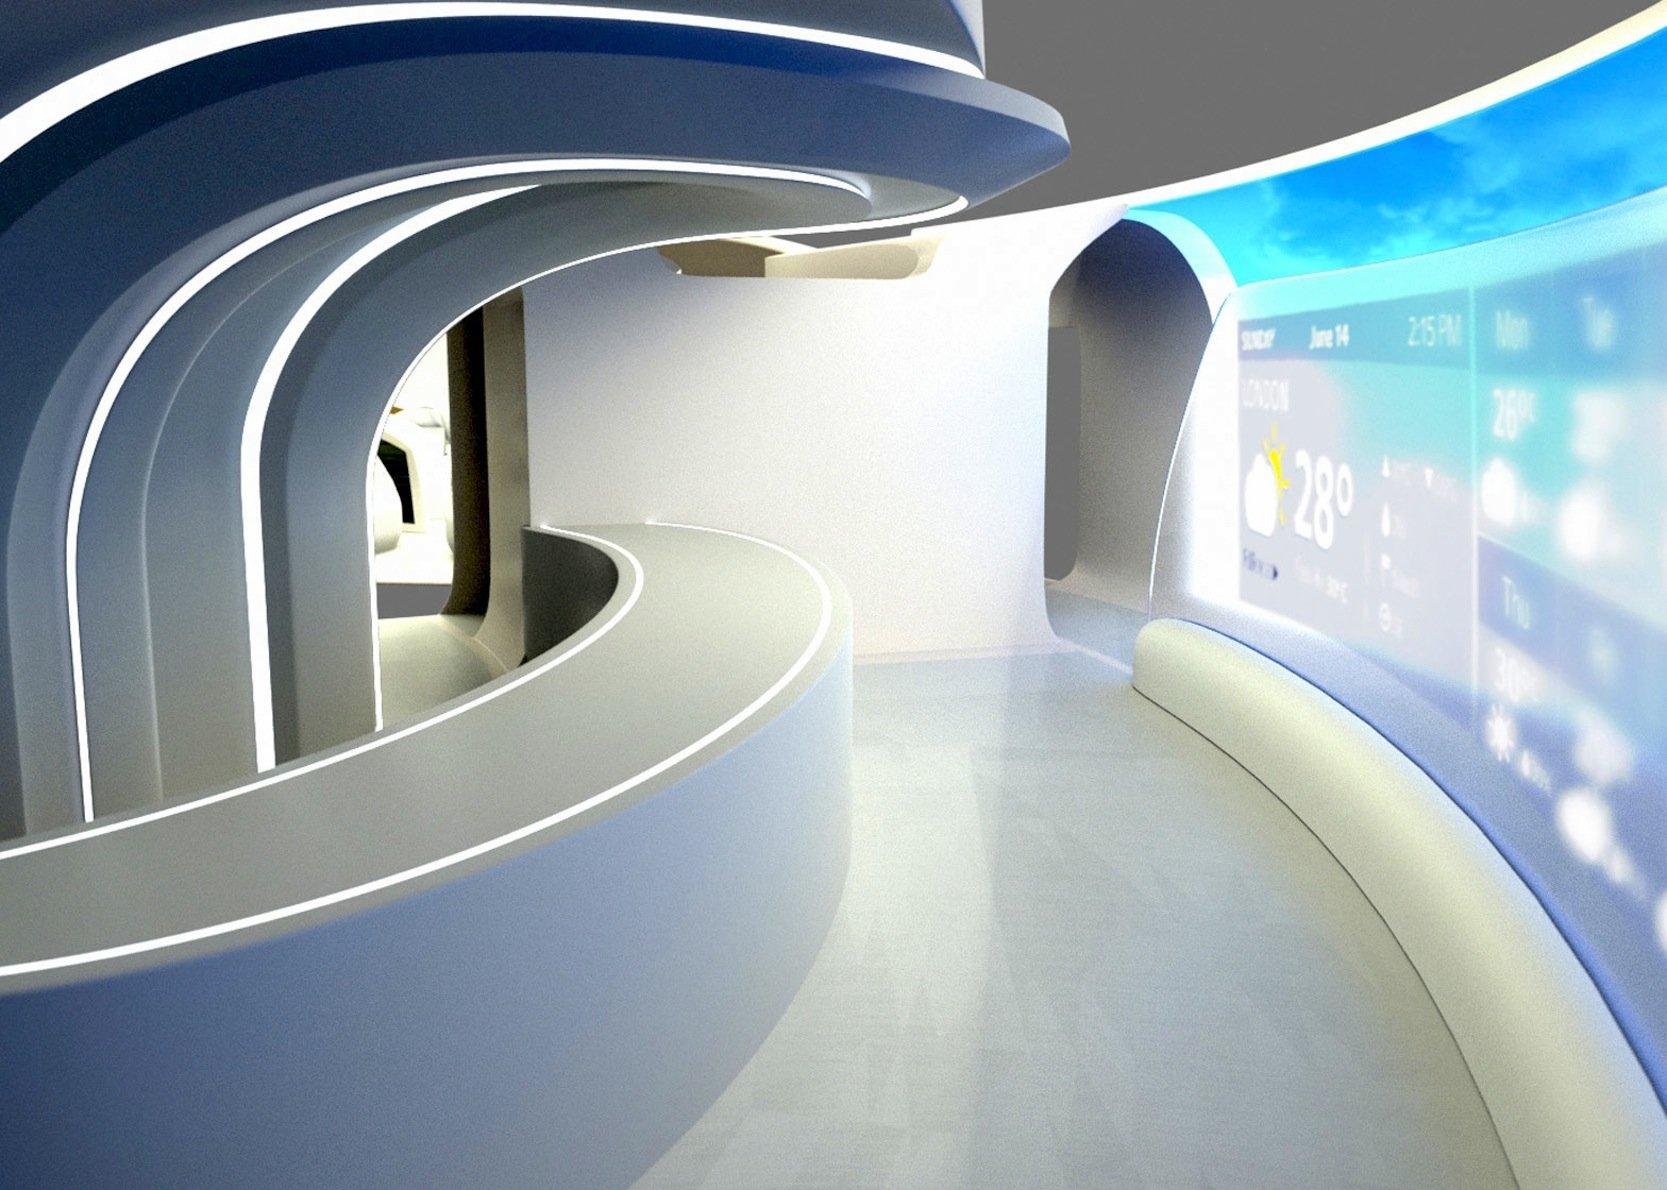 Im Flugzeug soll viel mehr Platz sein als in heutigen Verkehrsmaschinen. Sogar eine Lounge ist vorgesehen. Fenster gibt es jedoch nicht, nur großflächige Displays auf den Kabinenwänden.